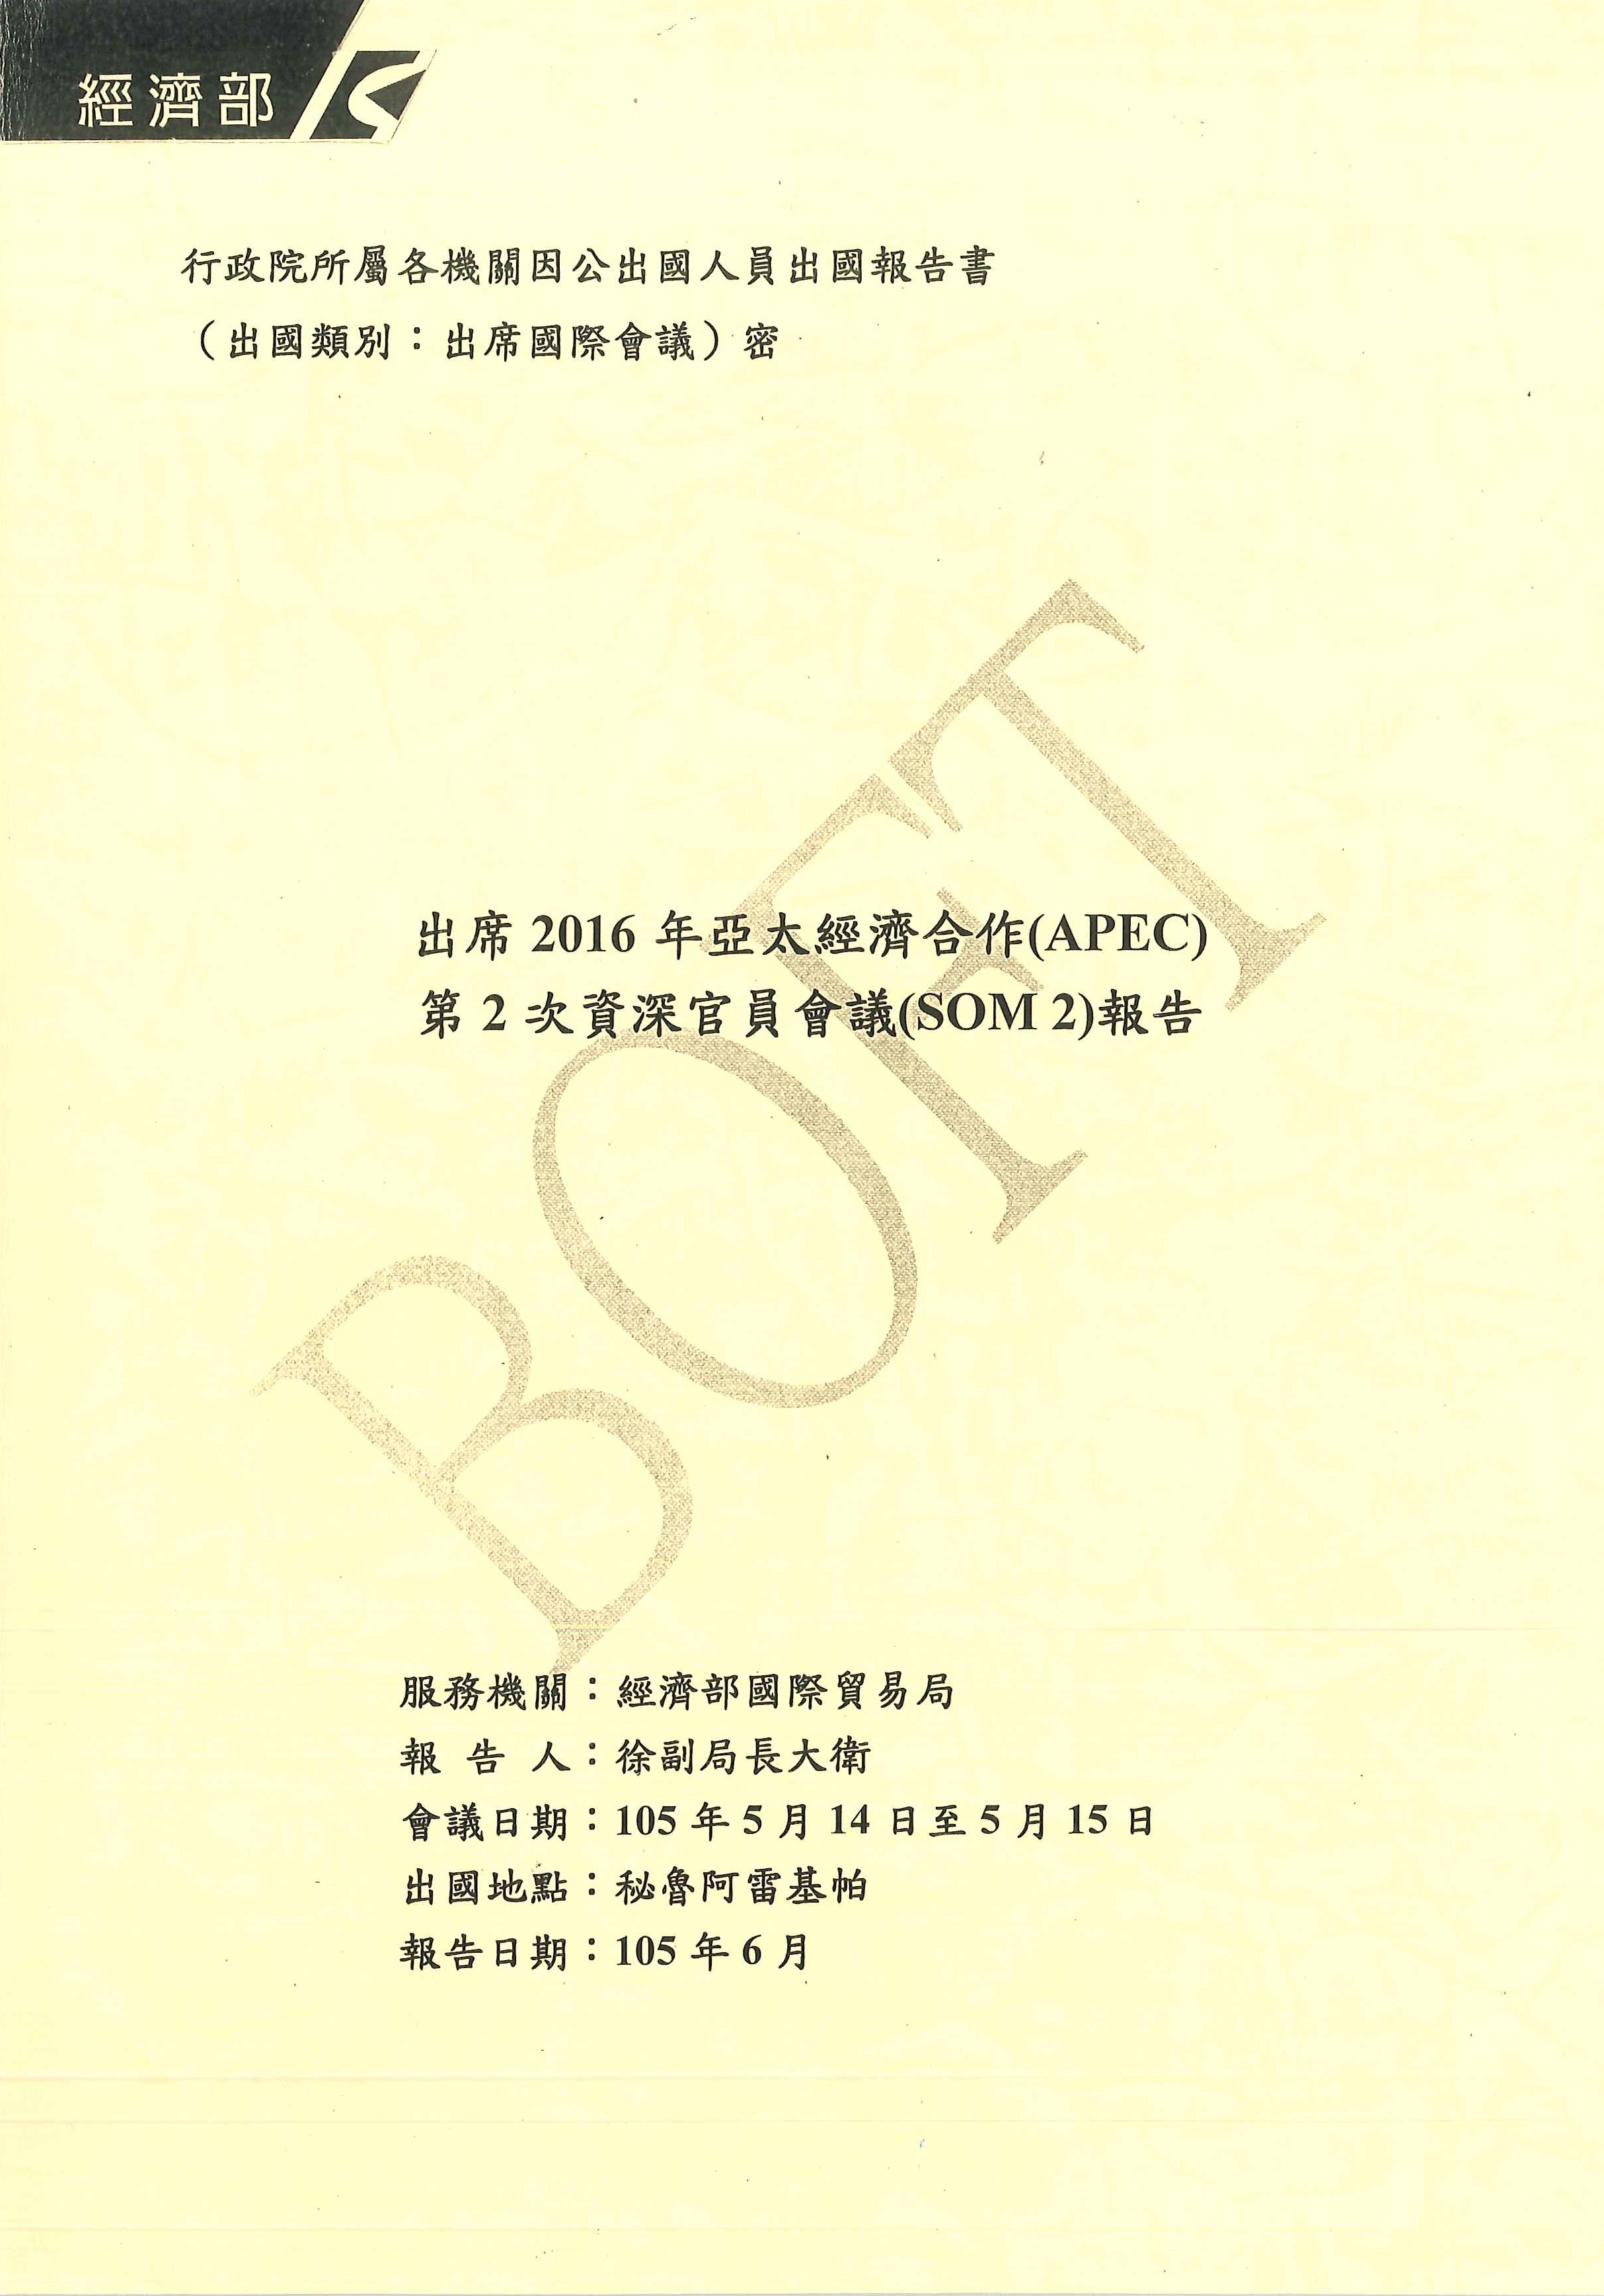 出席2016年亞太經濟合作(APEC)第2次資深官員會議(SOM2)報告